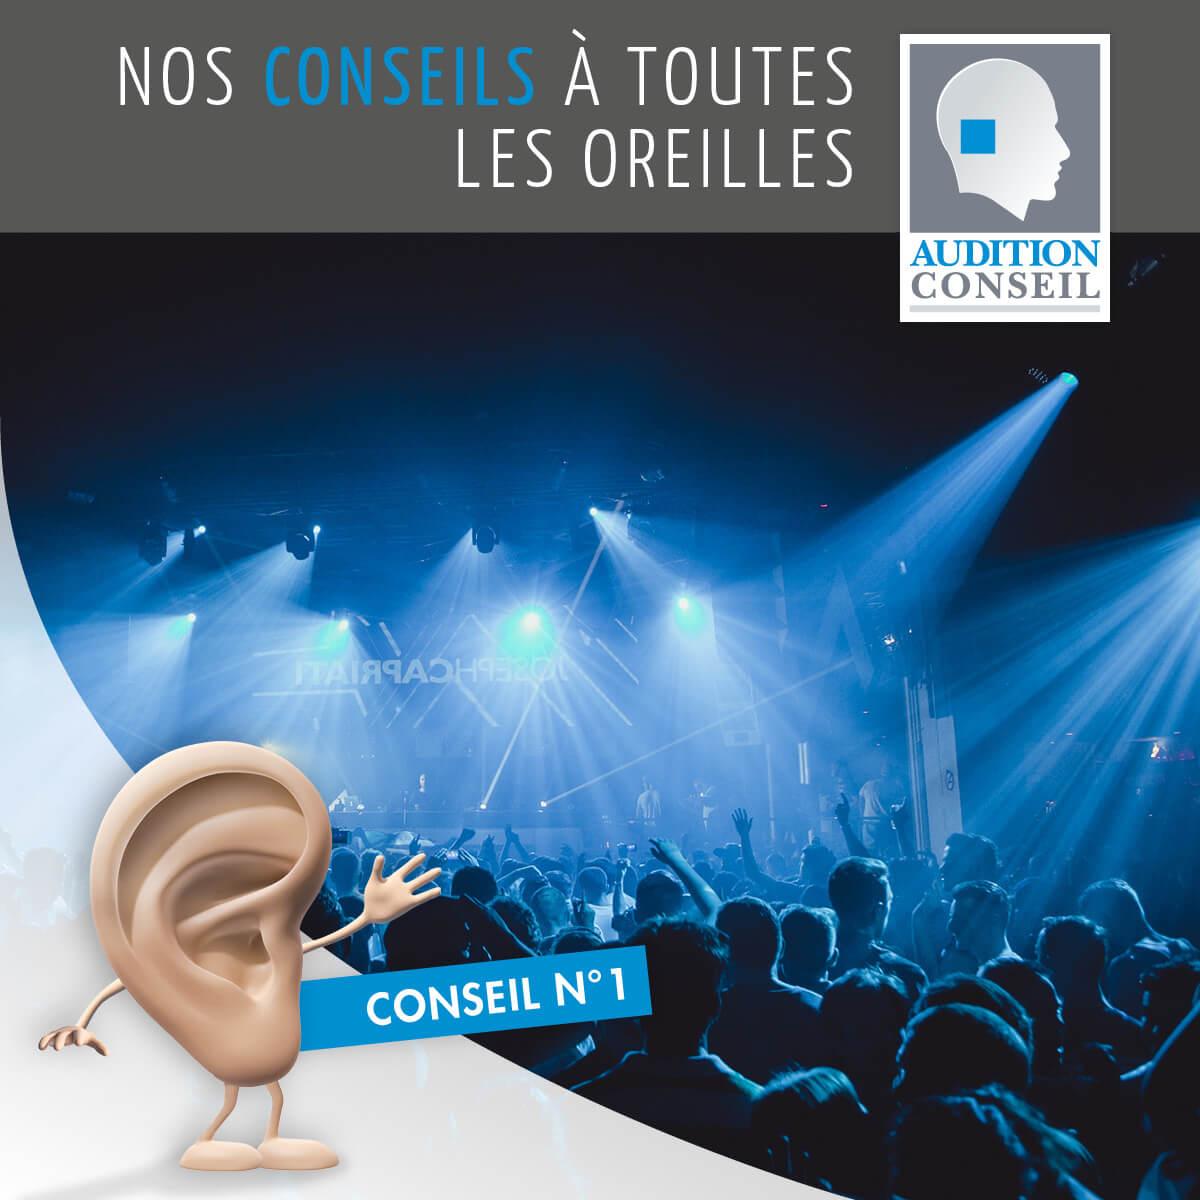 Conseils_a_toutes_les_oreilles_1